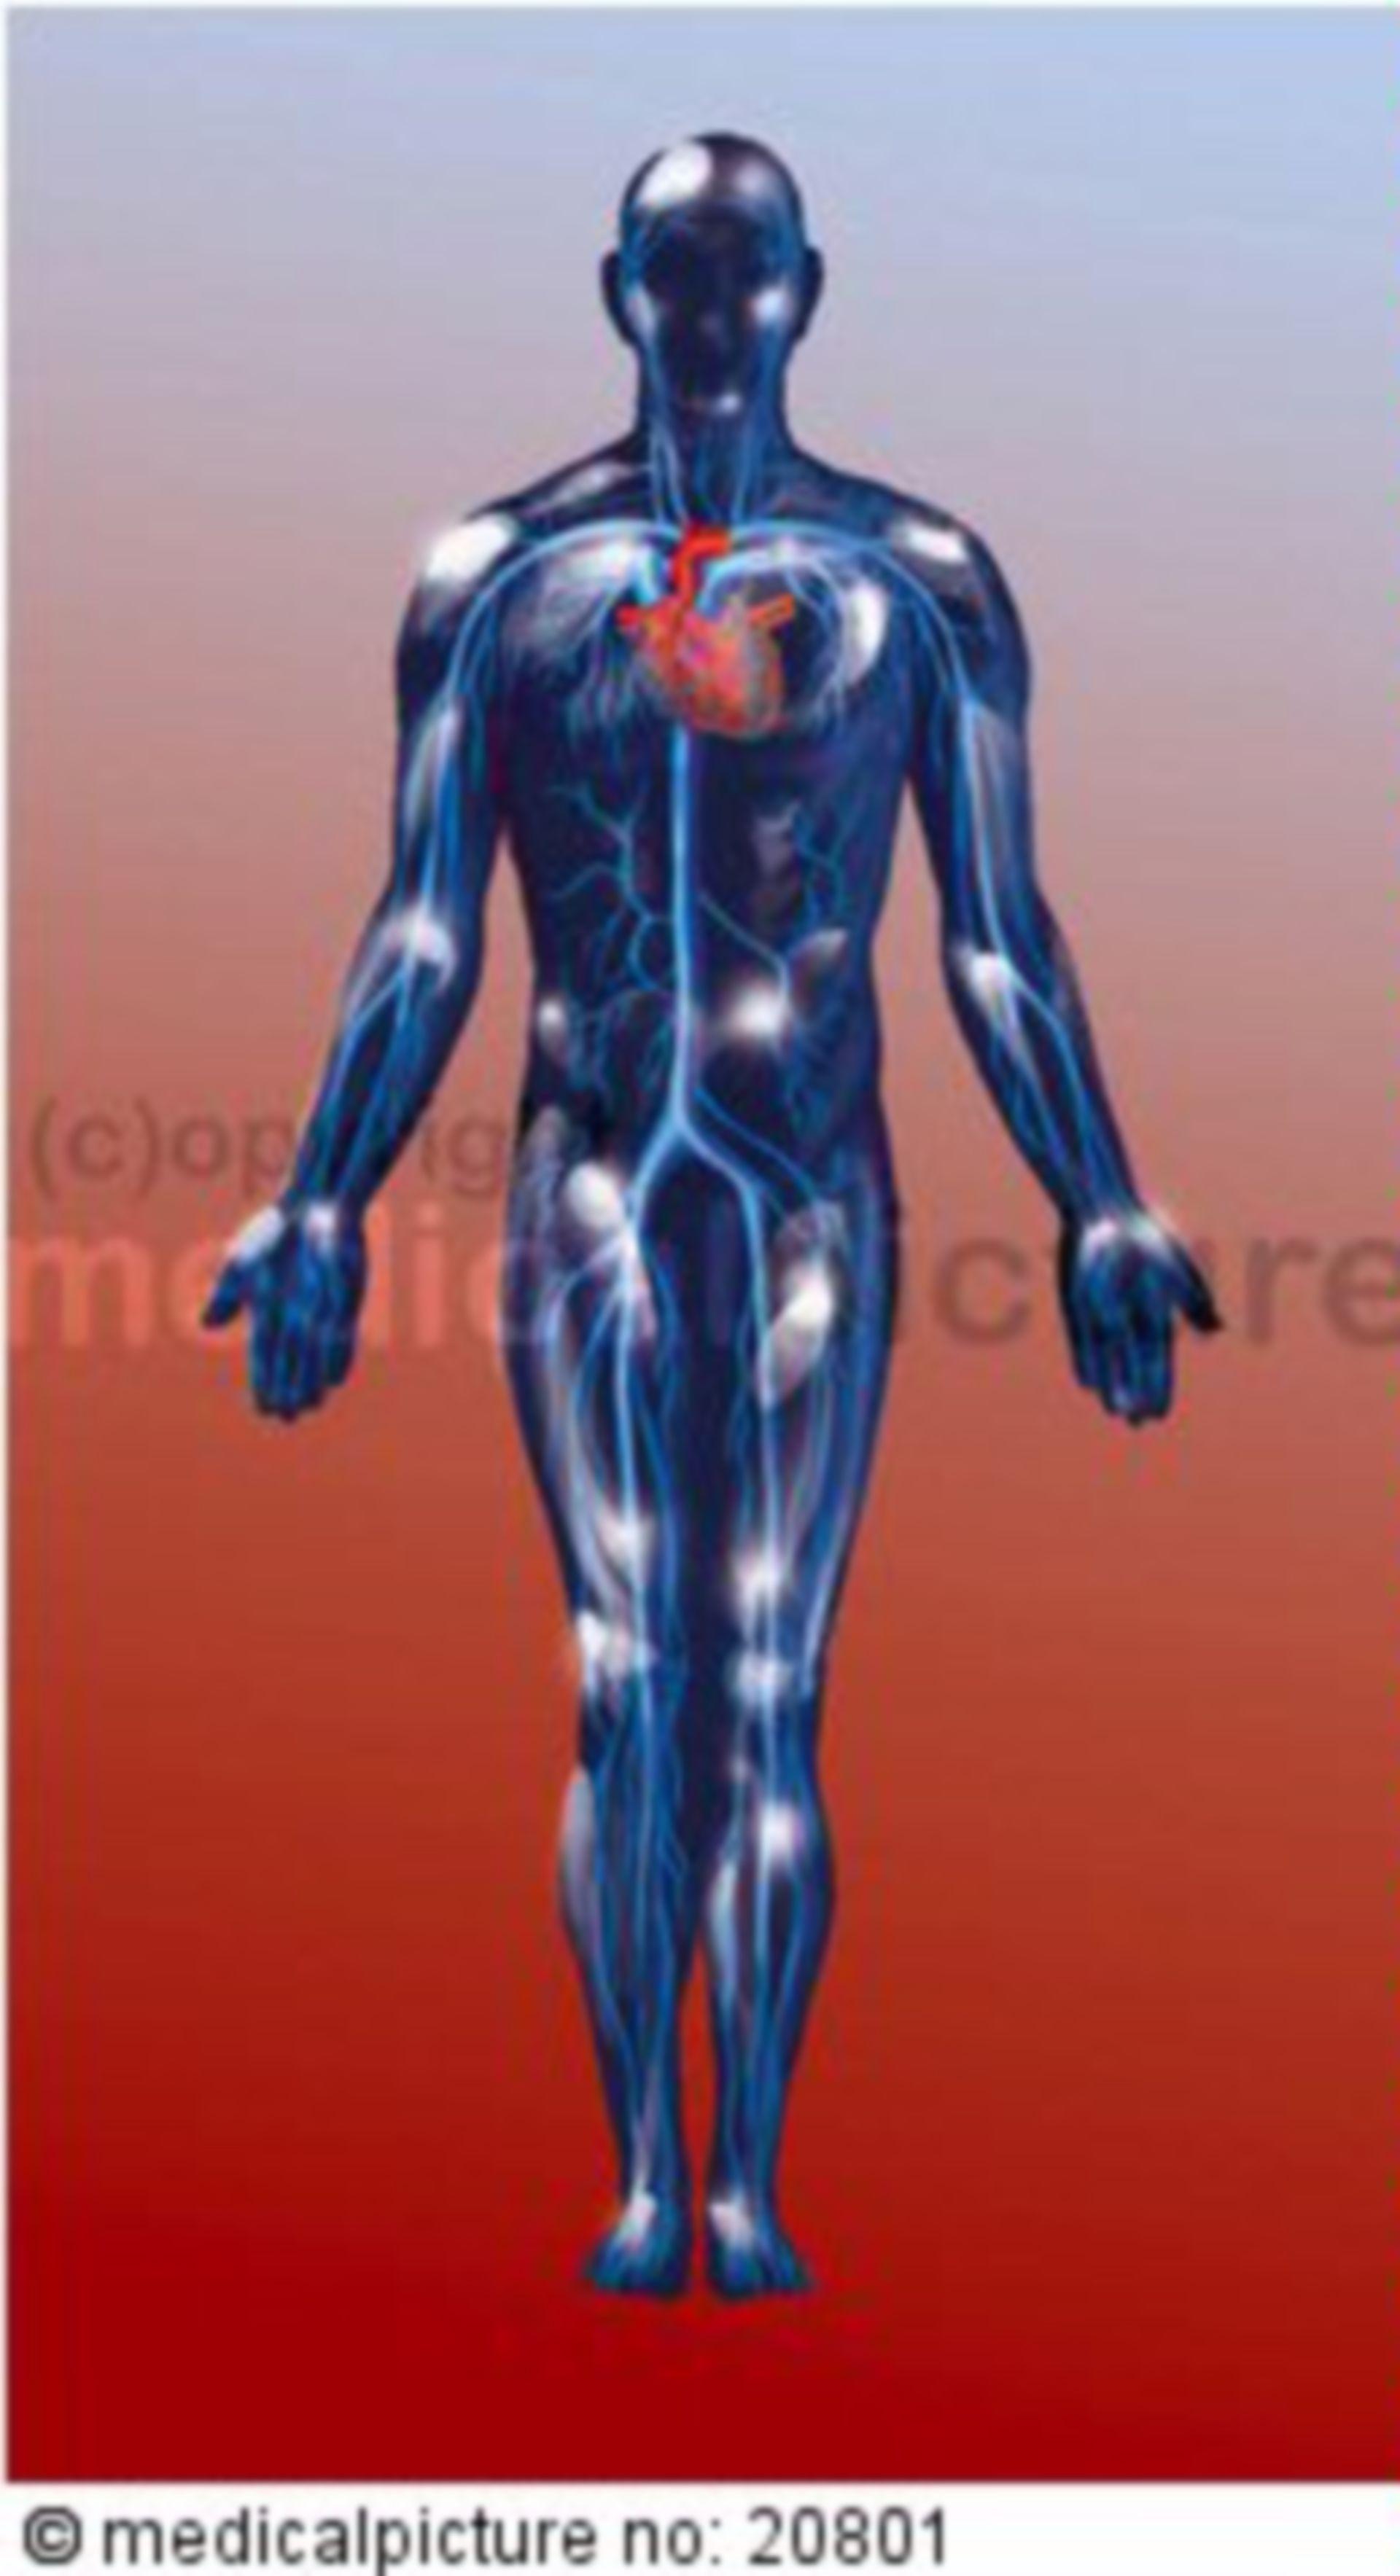 Venöses System des menschlichen Blutkreislaufs